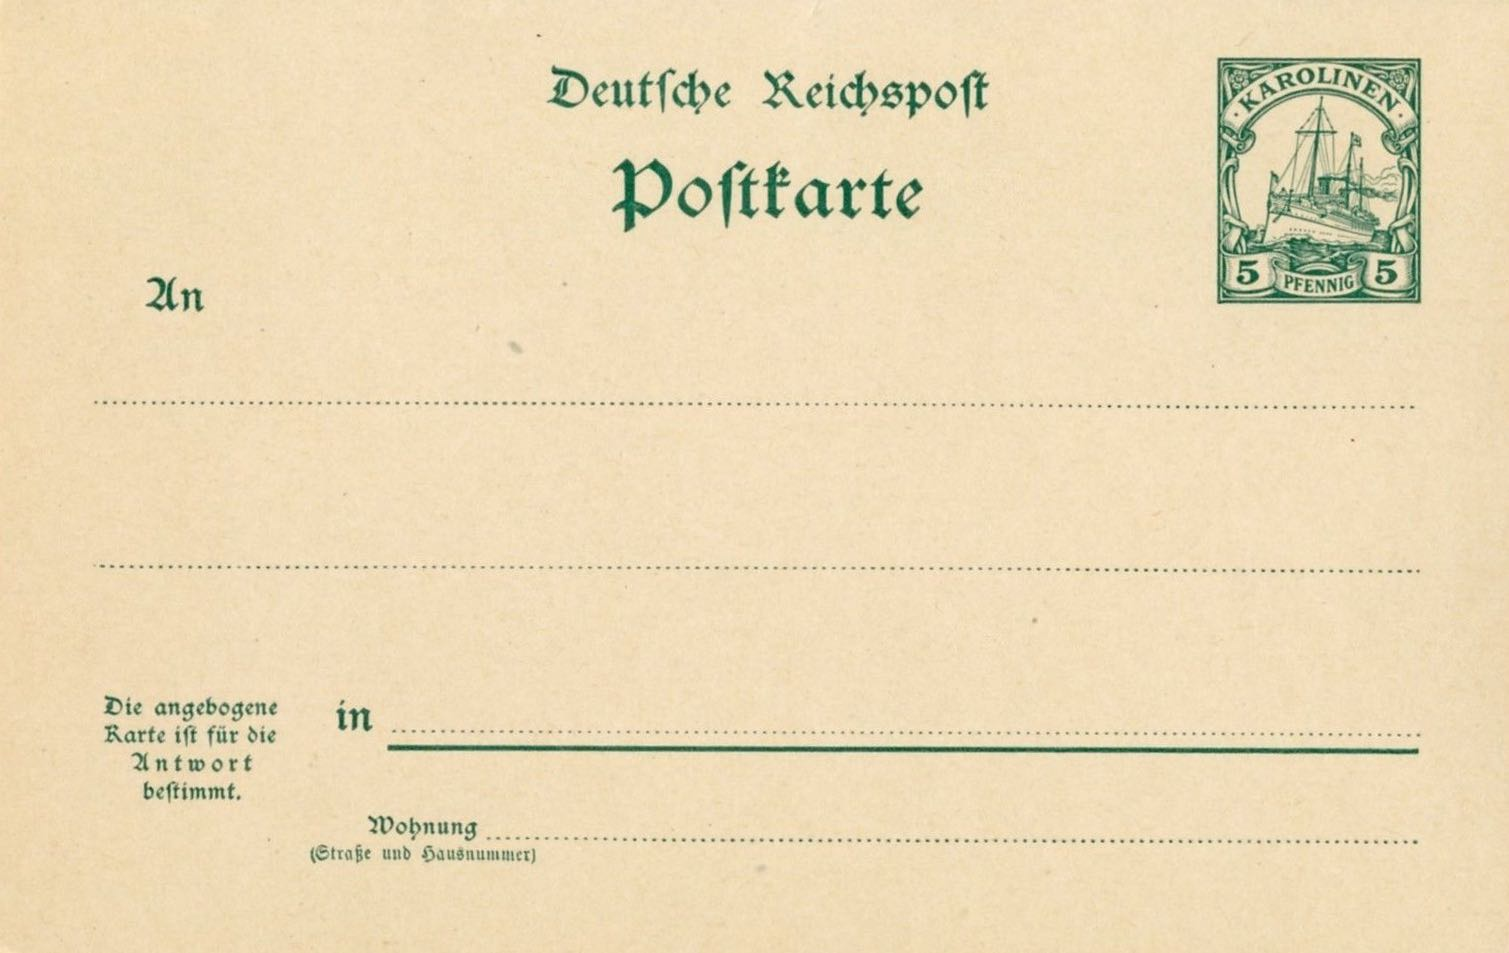 Karolinen_Postal_Stationary_P9